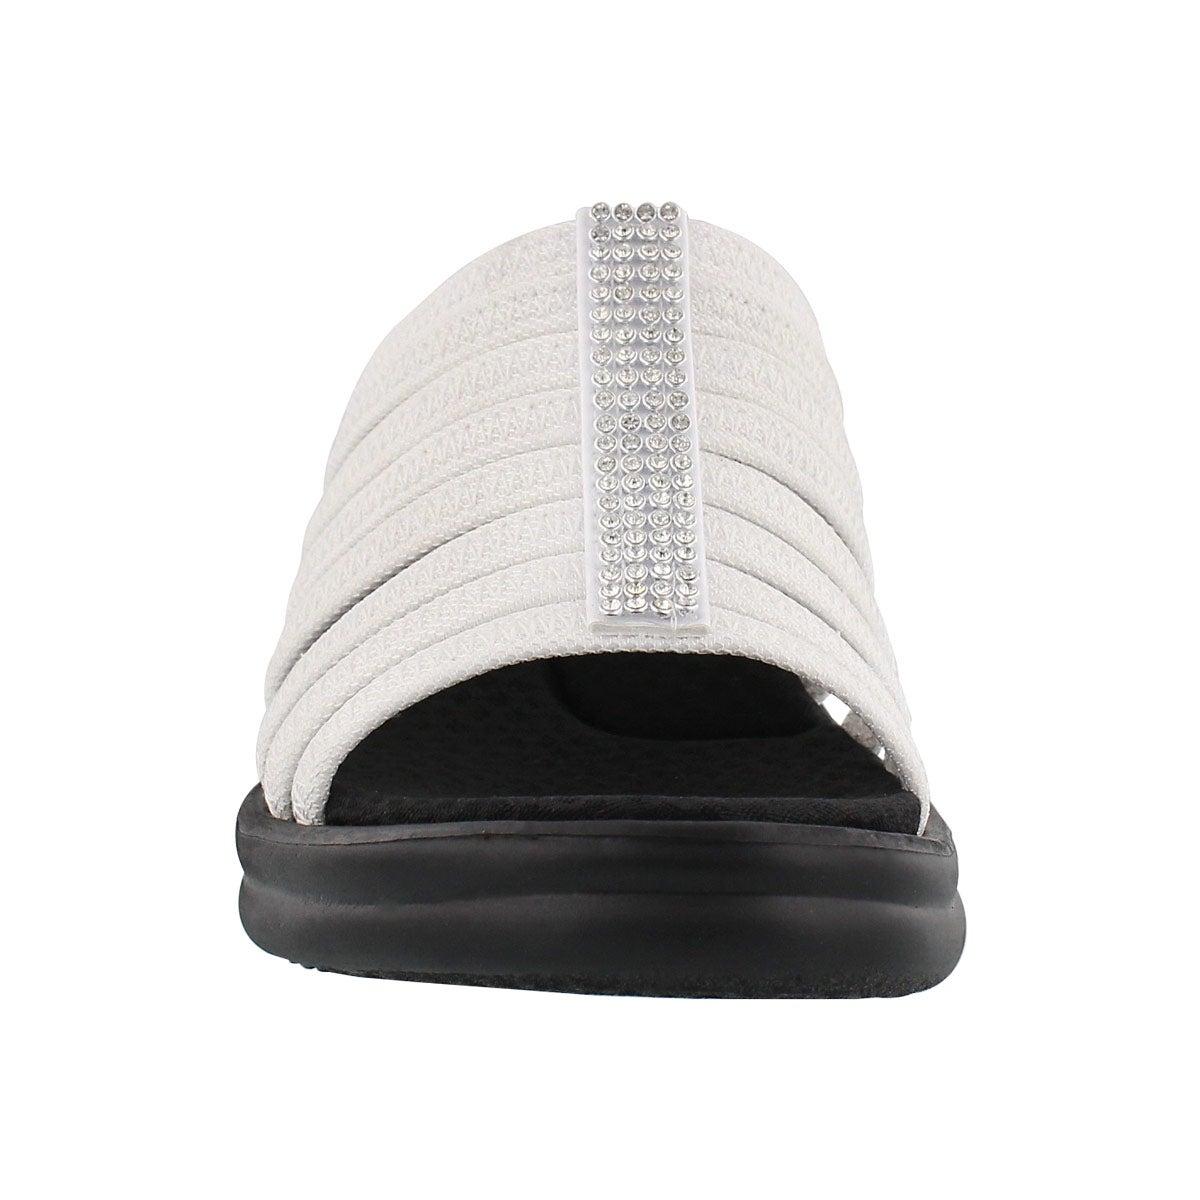 Lds Hotshot white wedge sandal